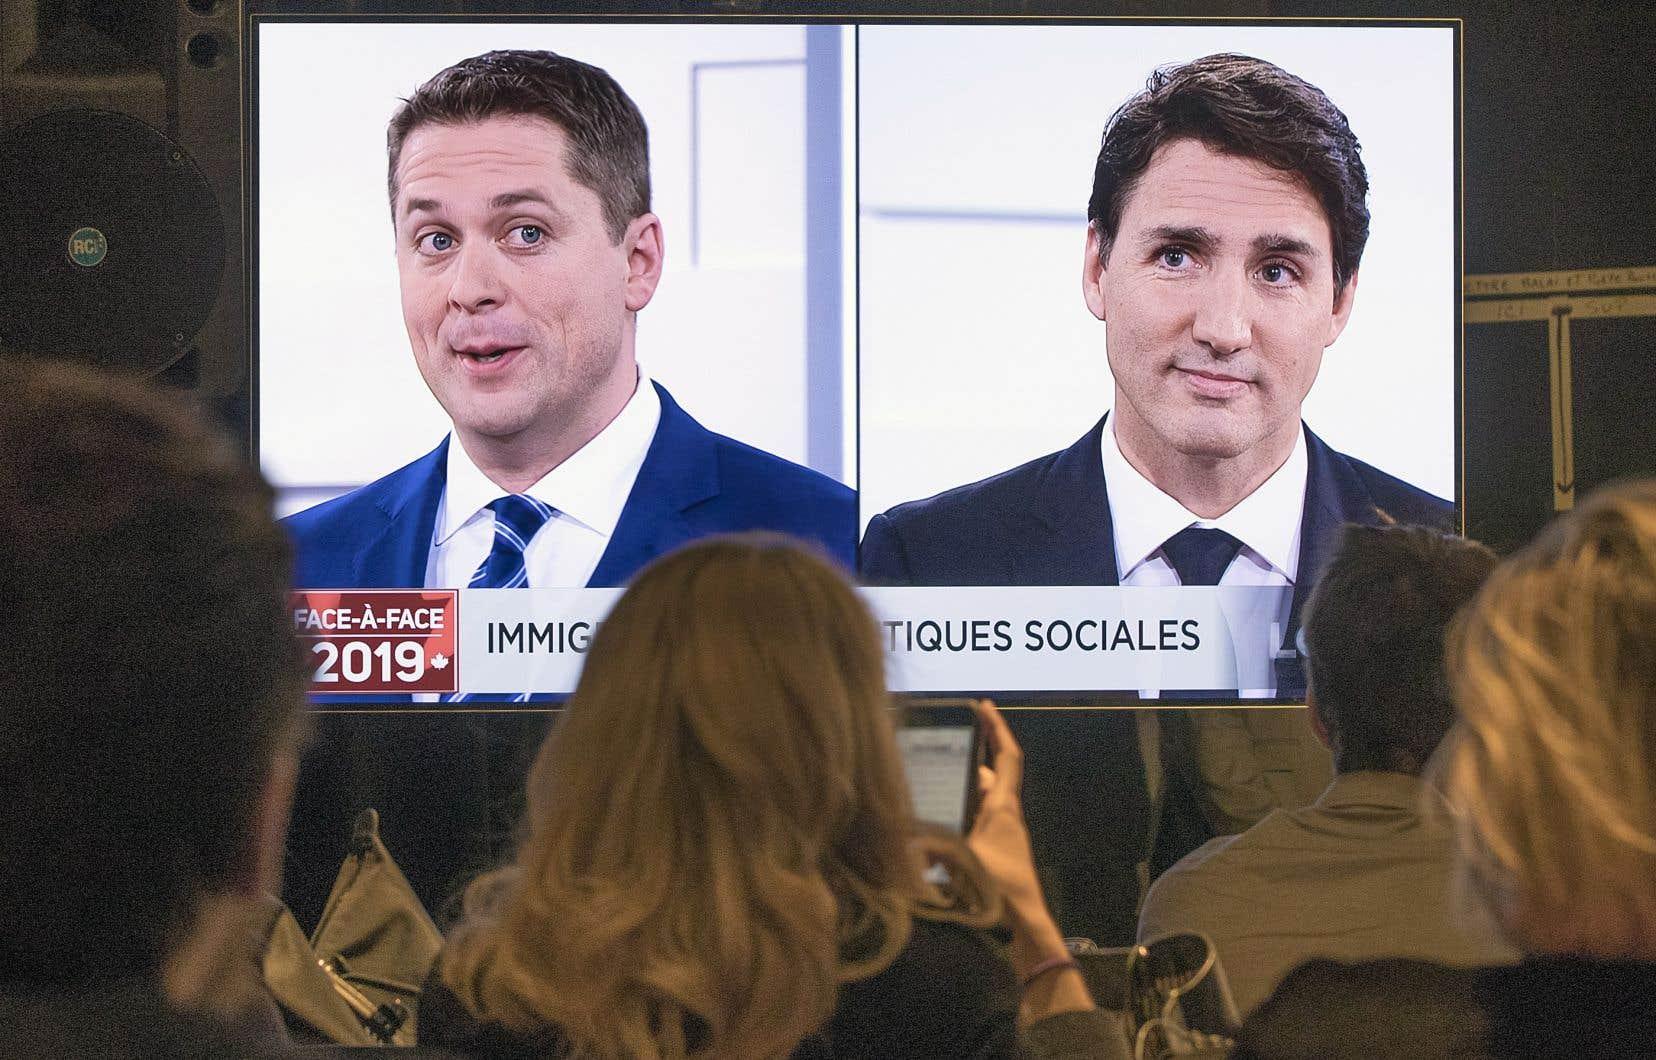 Le chef conservateur, Andrew Scheer (à gauche), a dû essuyer plus d'attaques que le premier ministre libéral, Justin Trudeau.